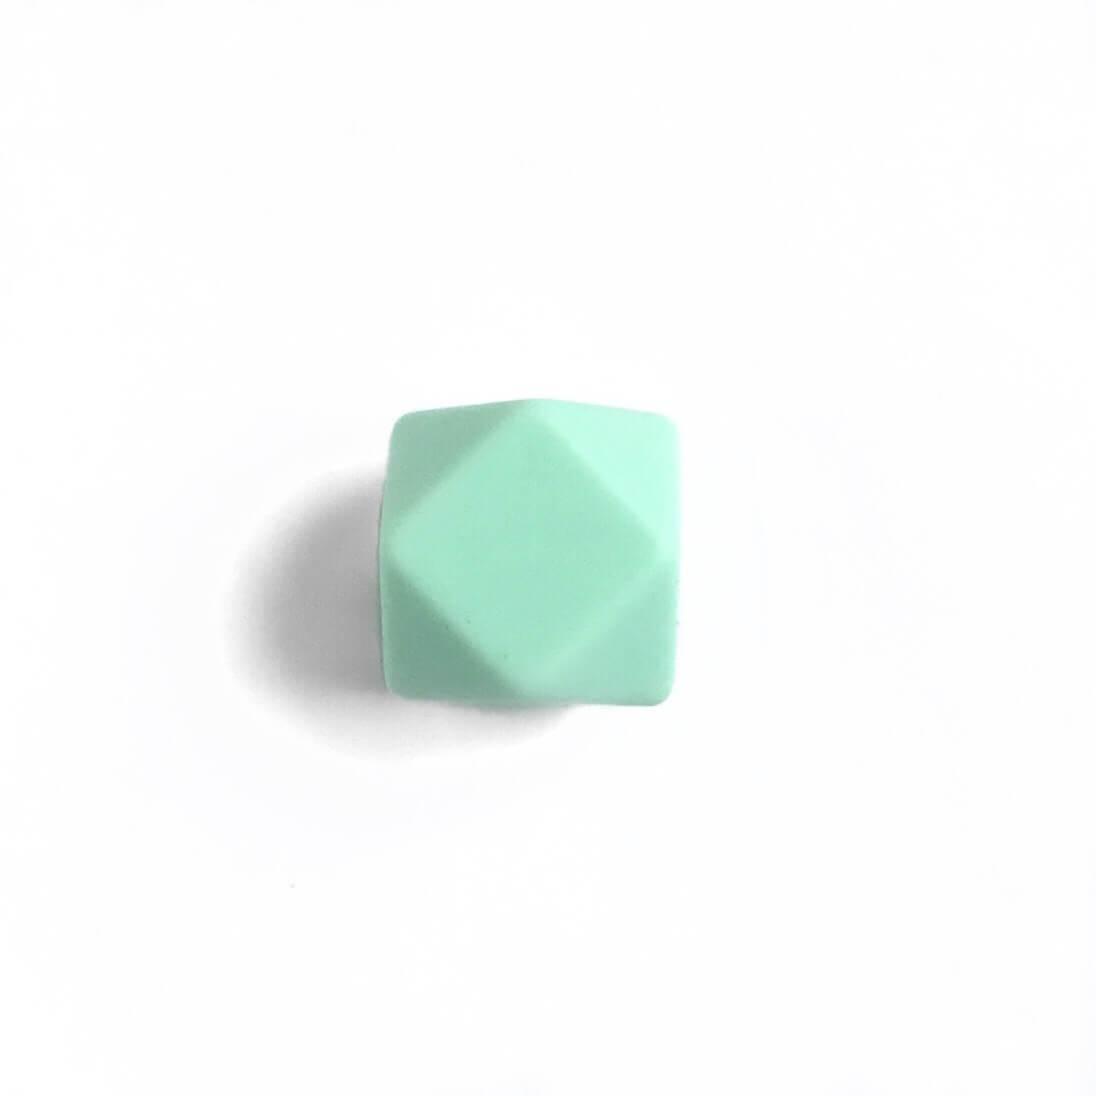 МИНИ гексагон (мята) 14мм, силиконовая бусина